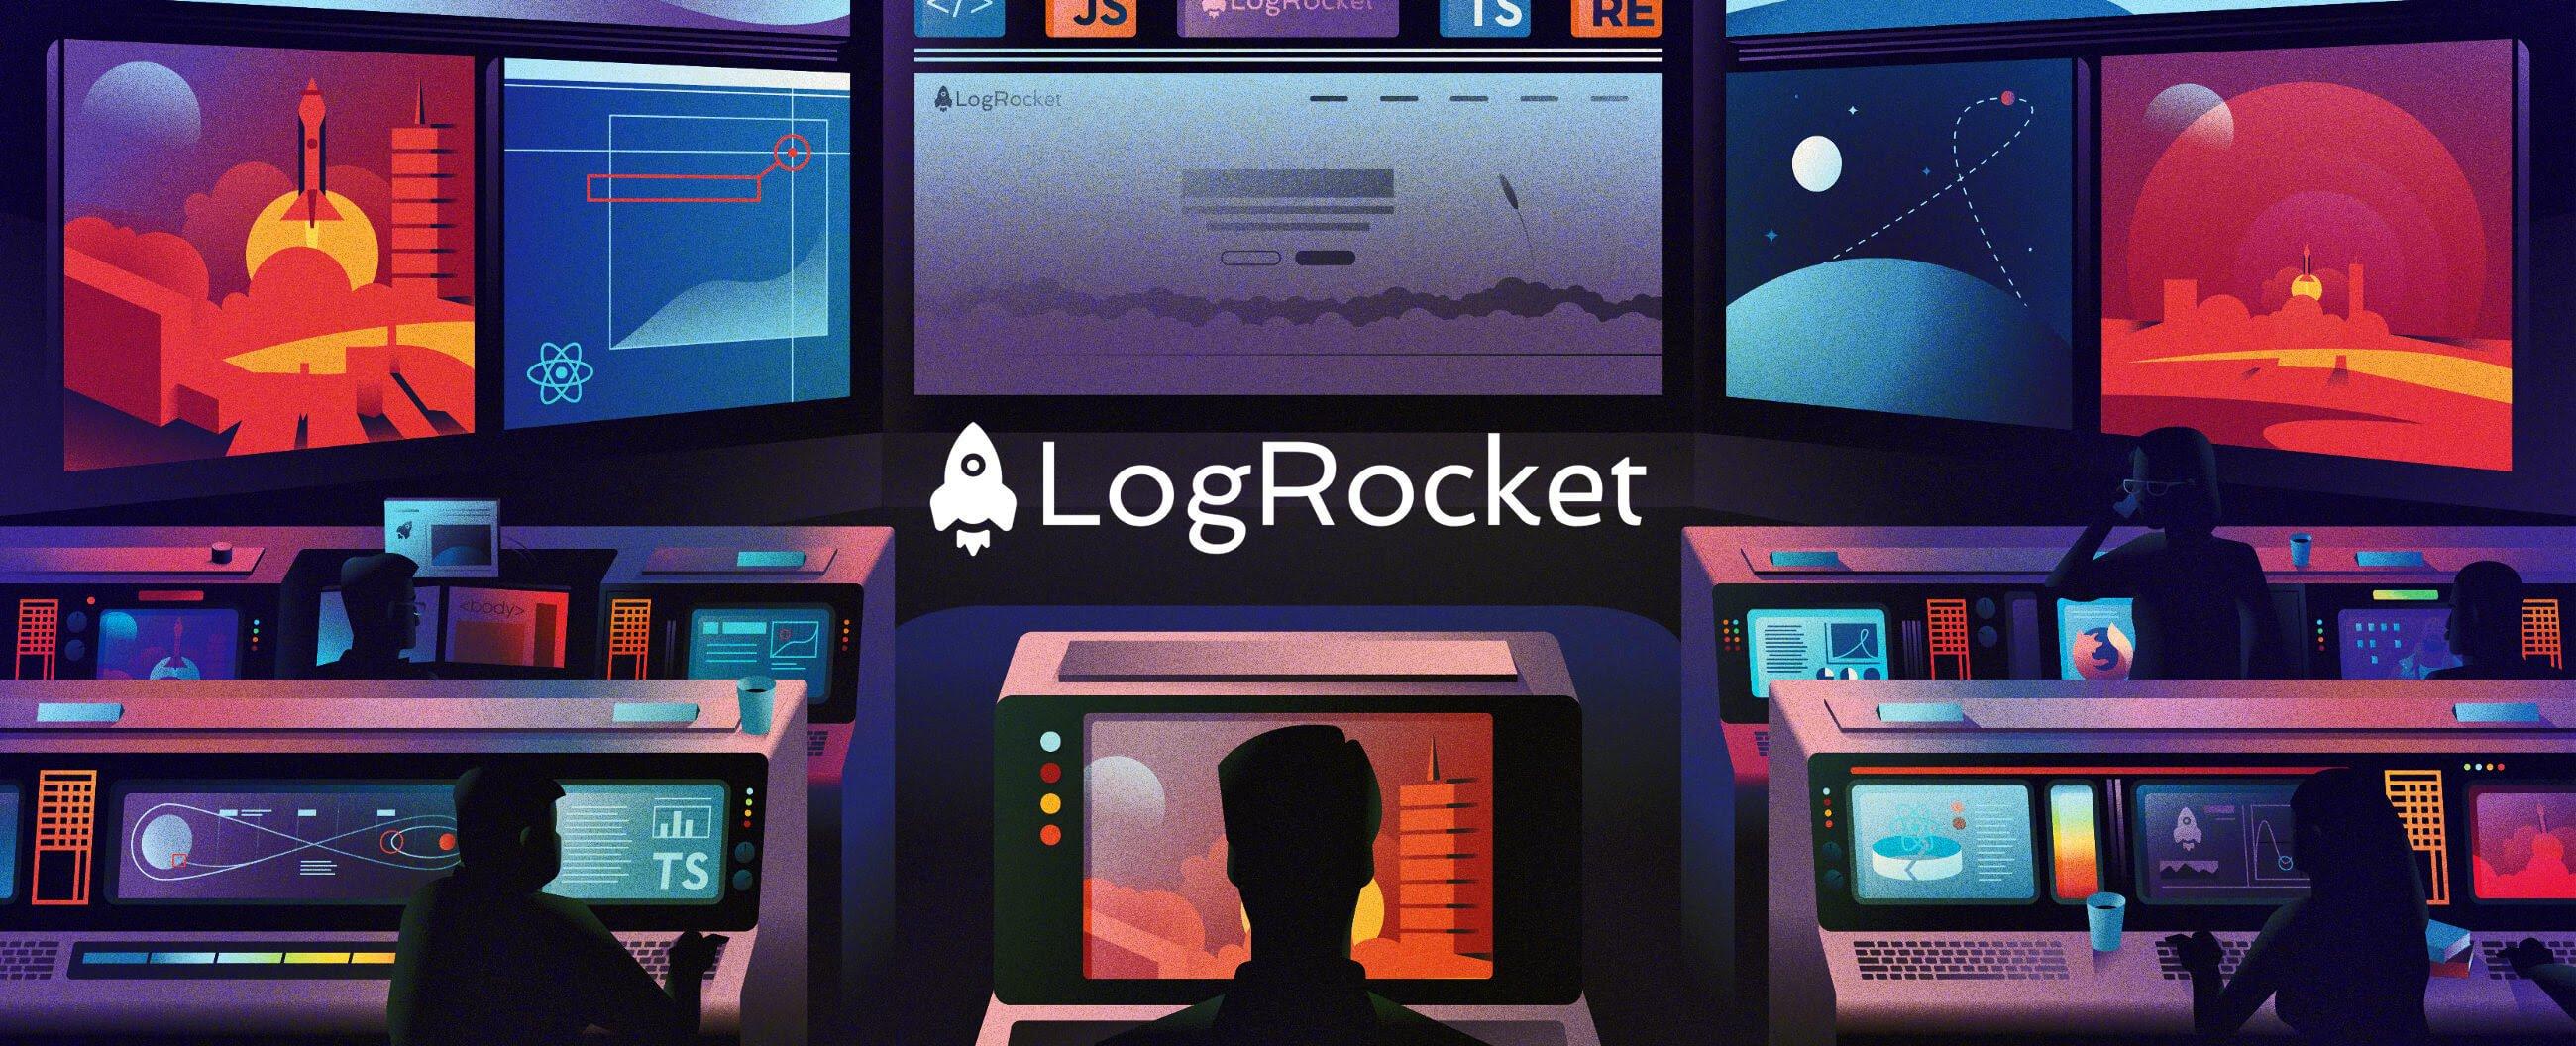 LogRocket Blog - Page 31 of 32 - For front-end developers